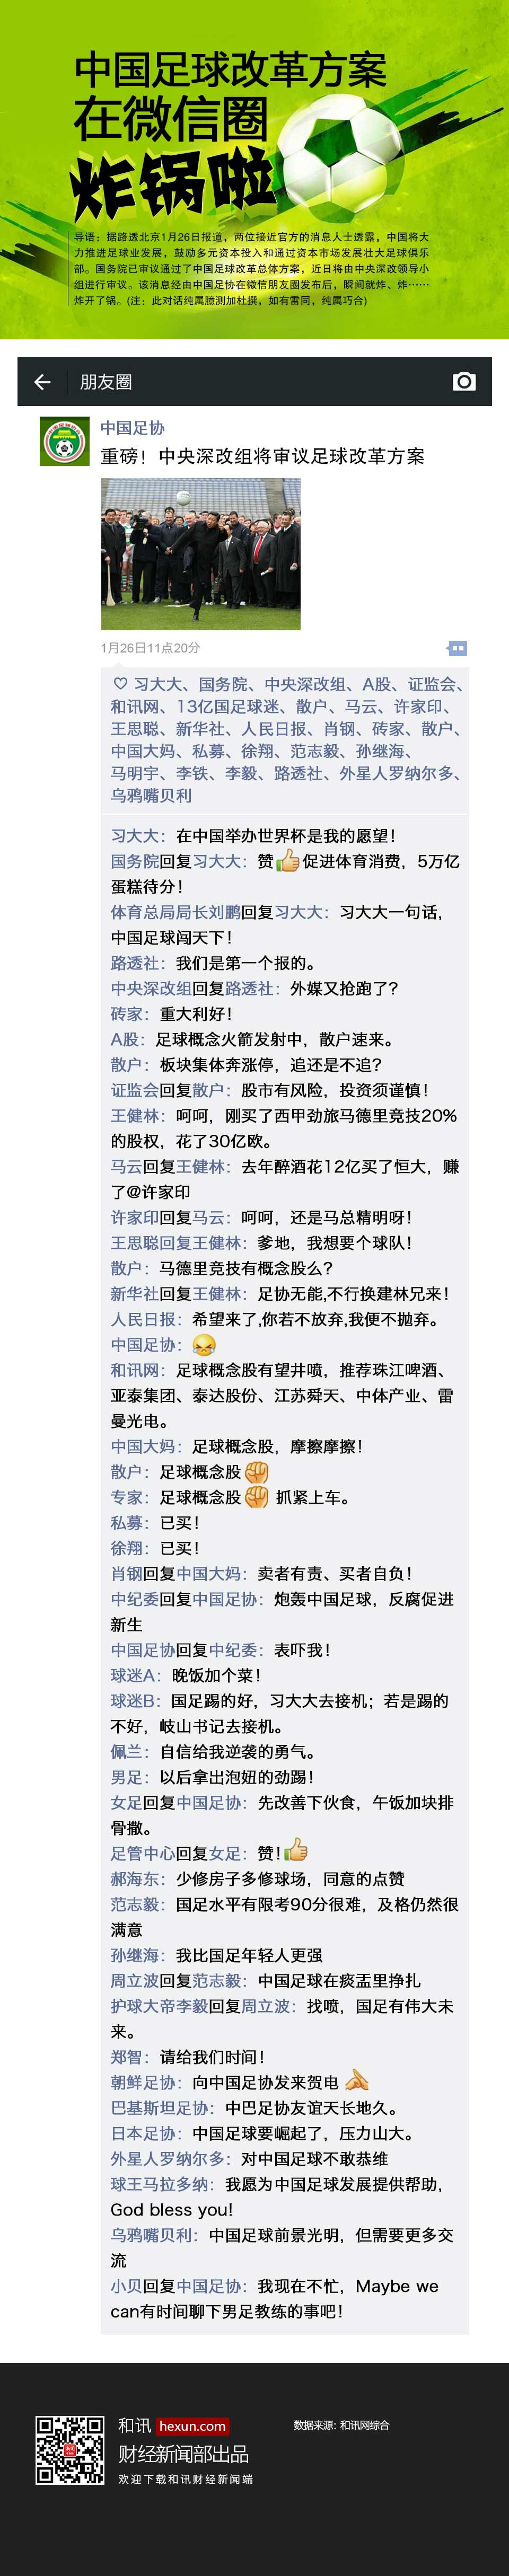 中國足球改革方案在微信圈炸鍋啦